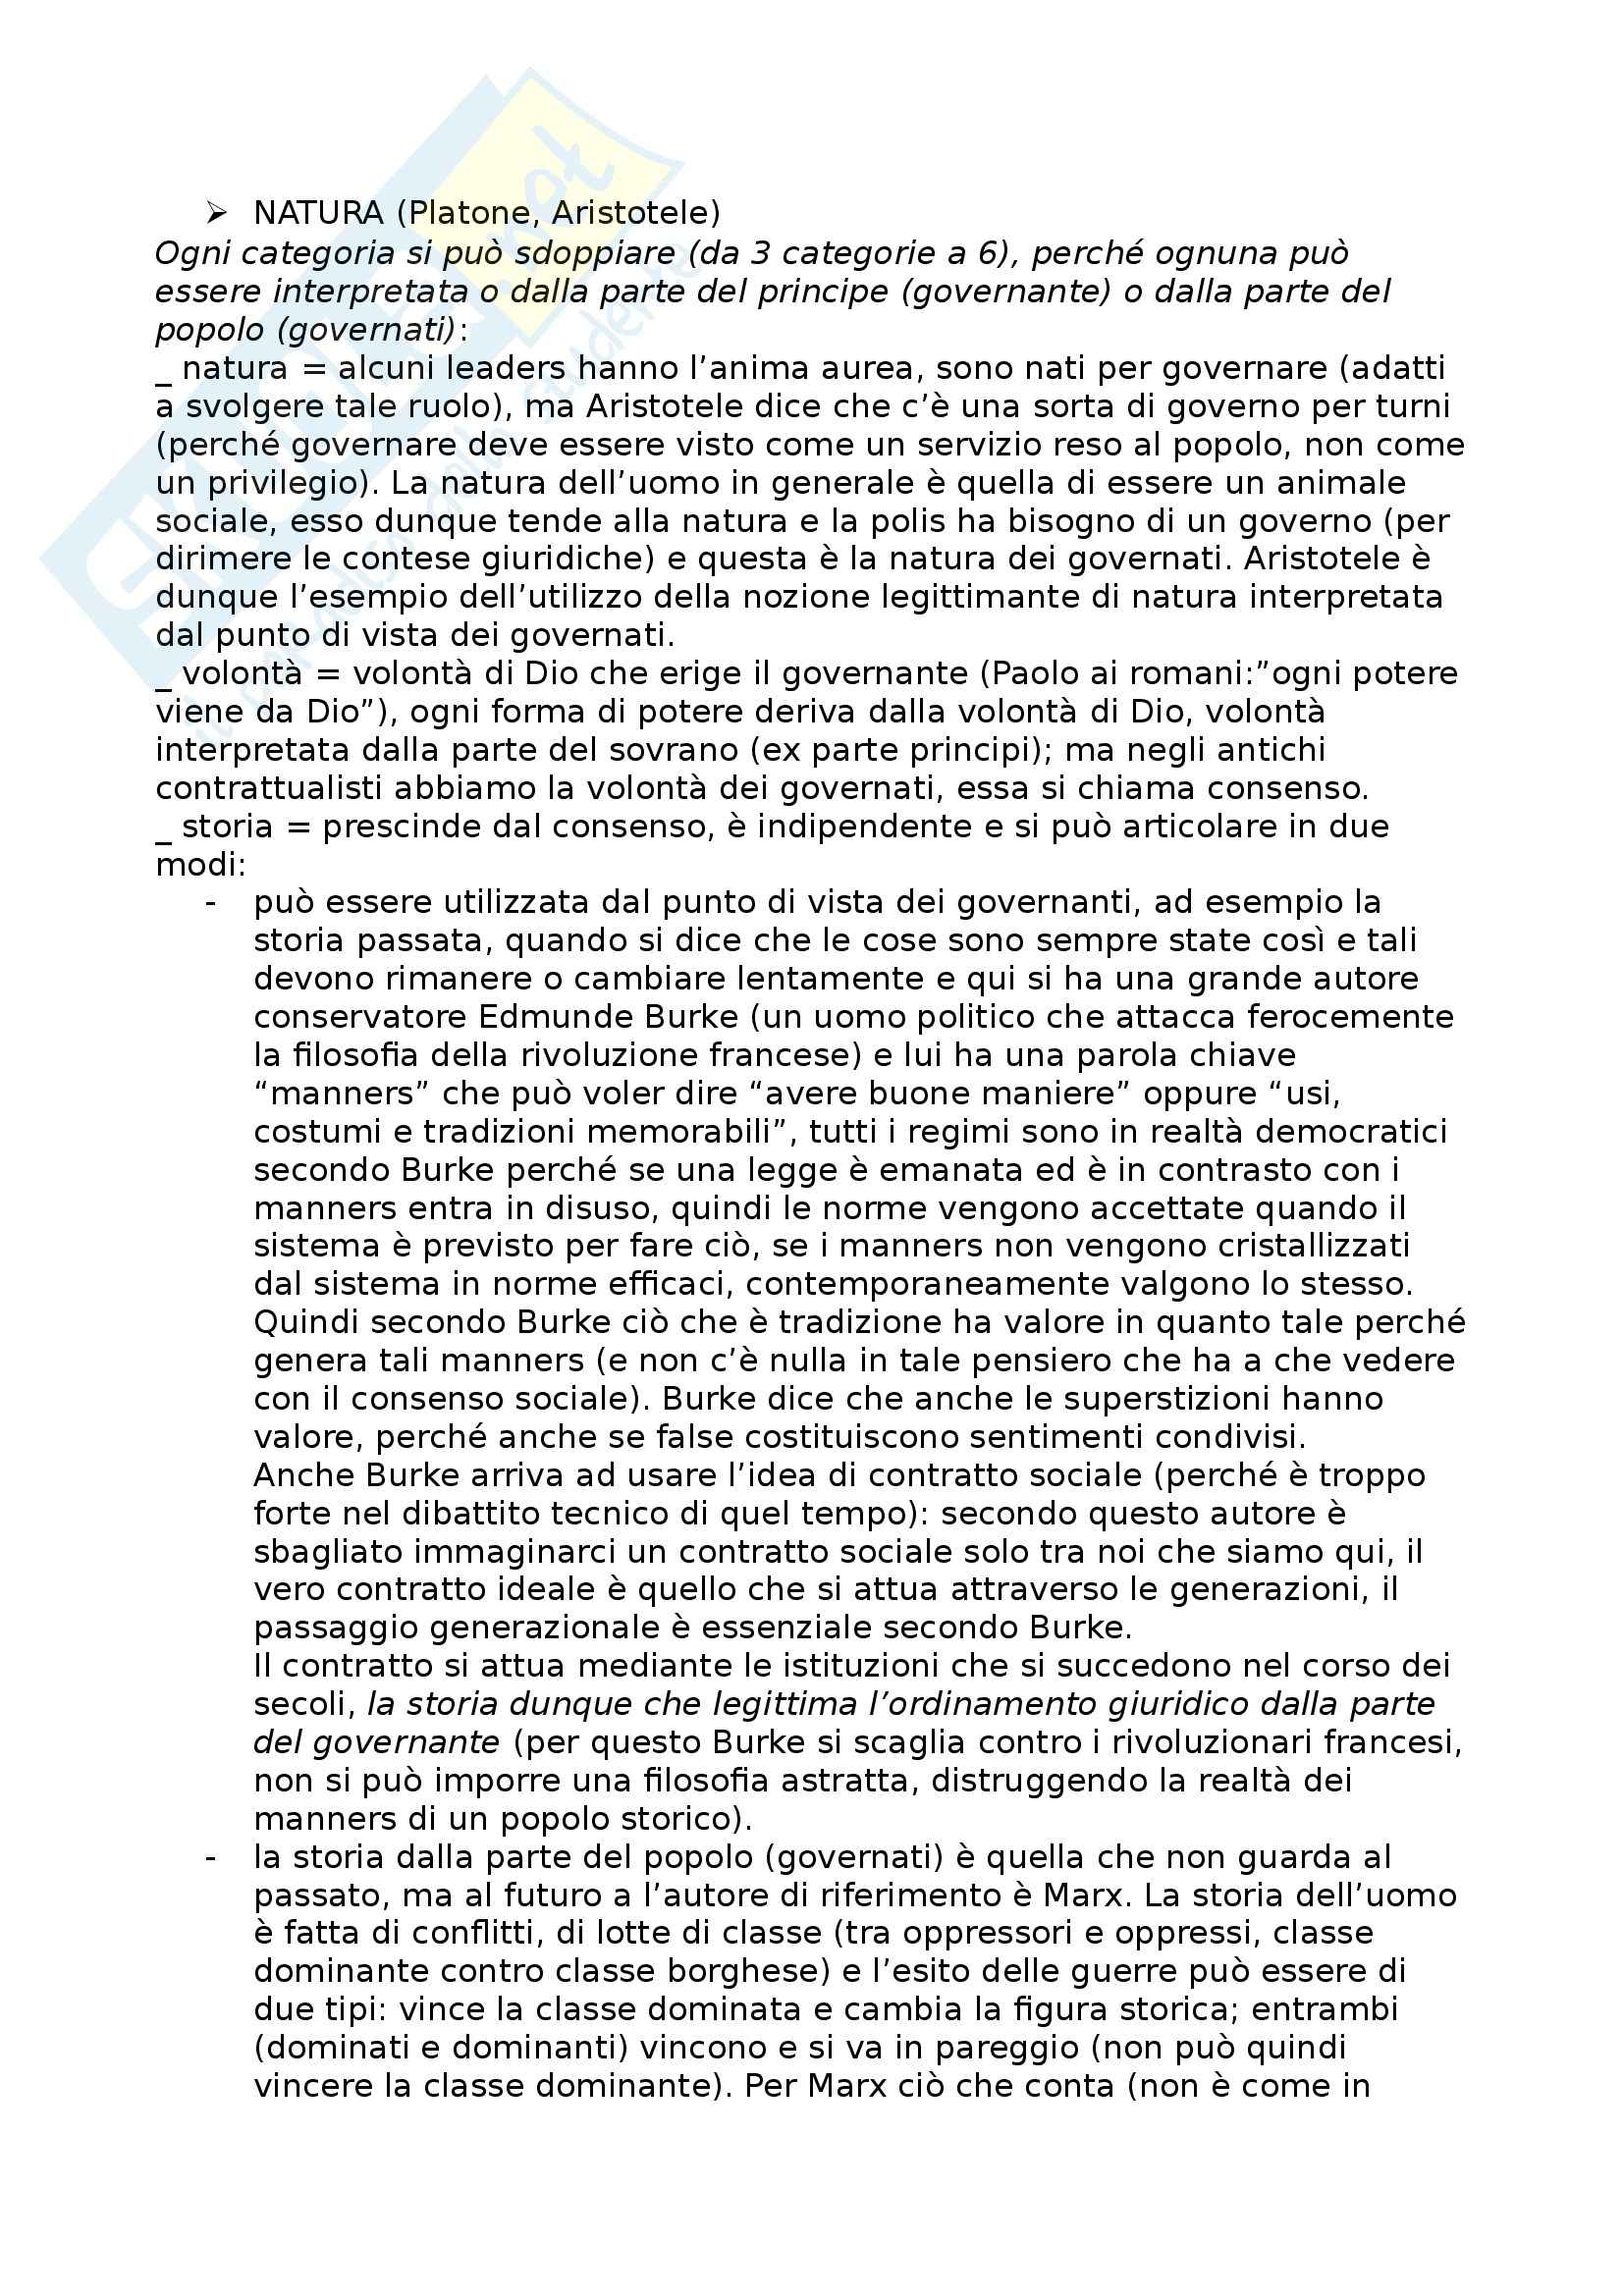 Filosofia del diritto - Appunti Pag. 41